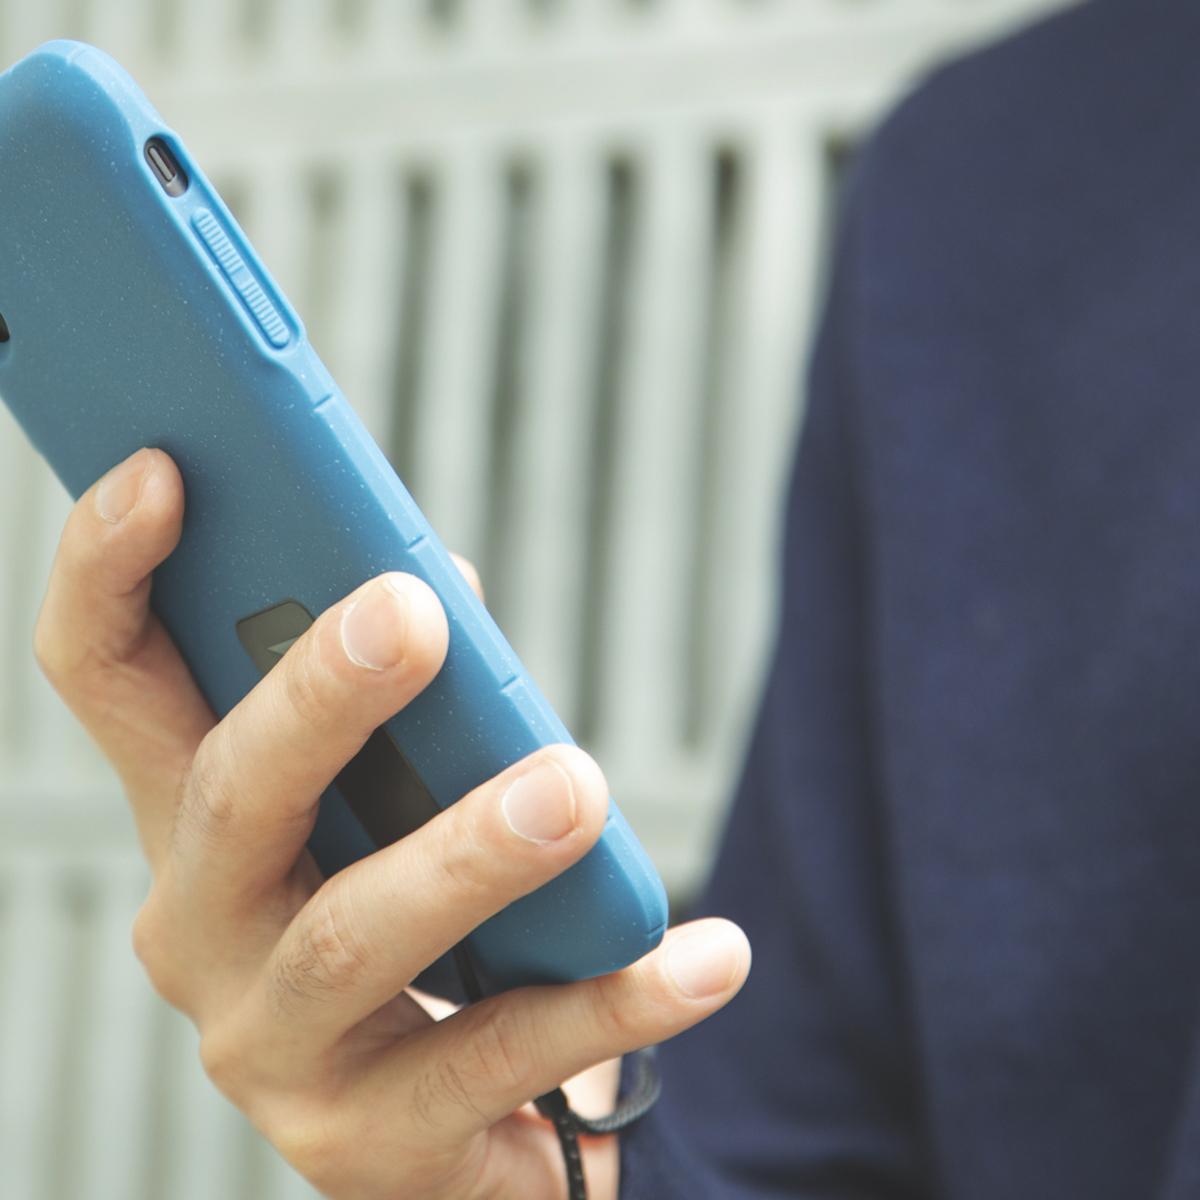 使い勝手もバツグン。薄型で丸みを帯びた側面は、長時間スマホを持っていても手が痛くなりにくいから、動画視聴やスマホゲームをする方にもおすすめのスマホケース・カバー|LANDER MOAB CASE(ランダー)